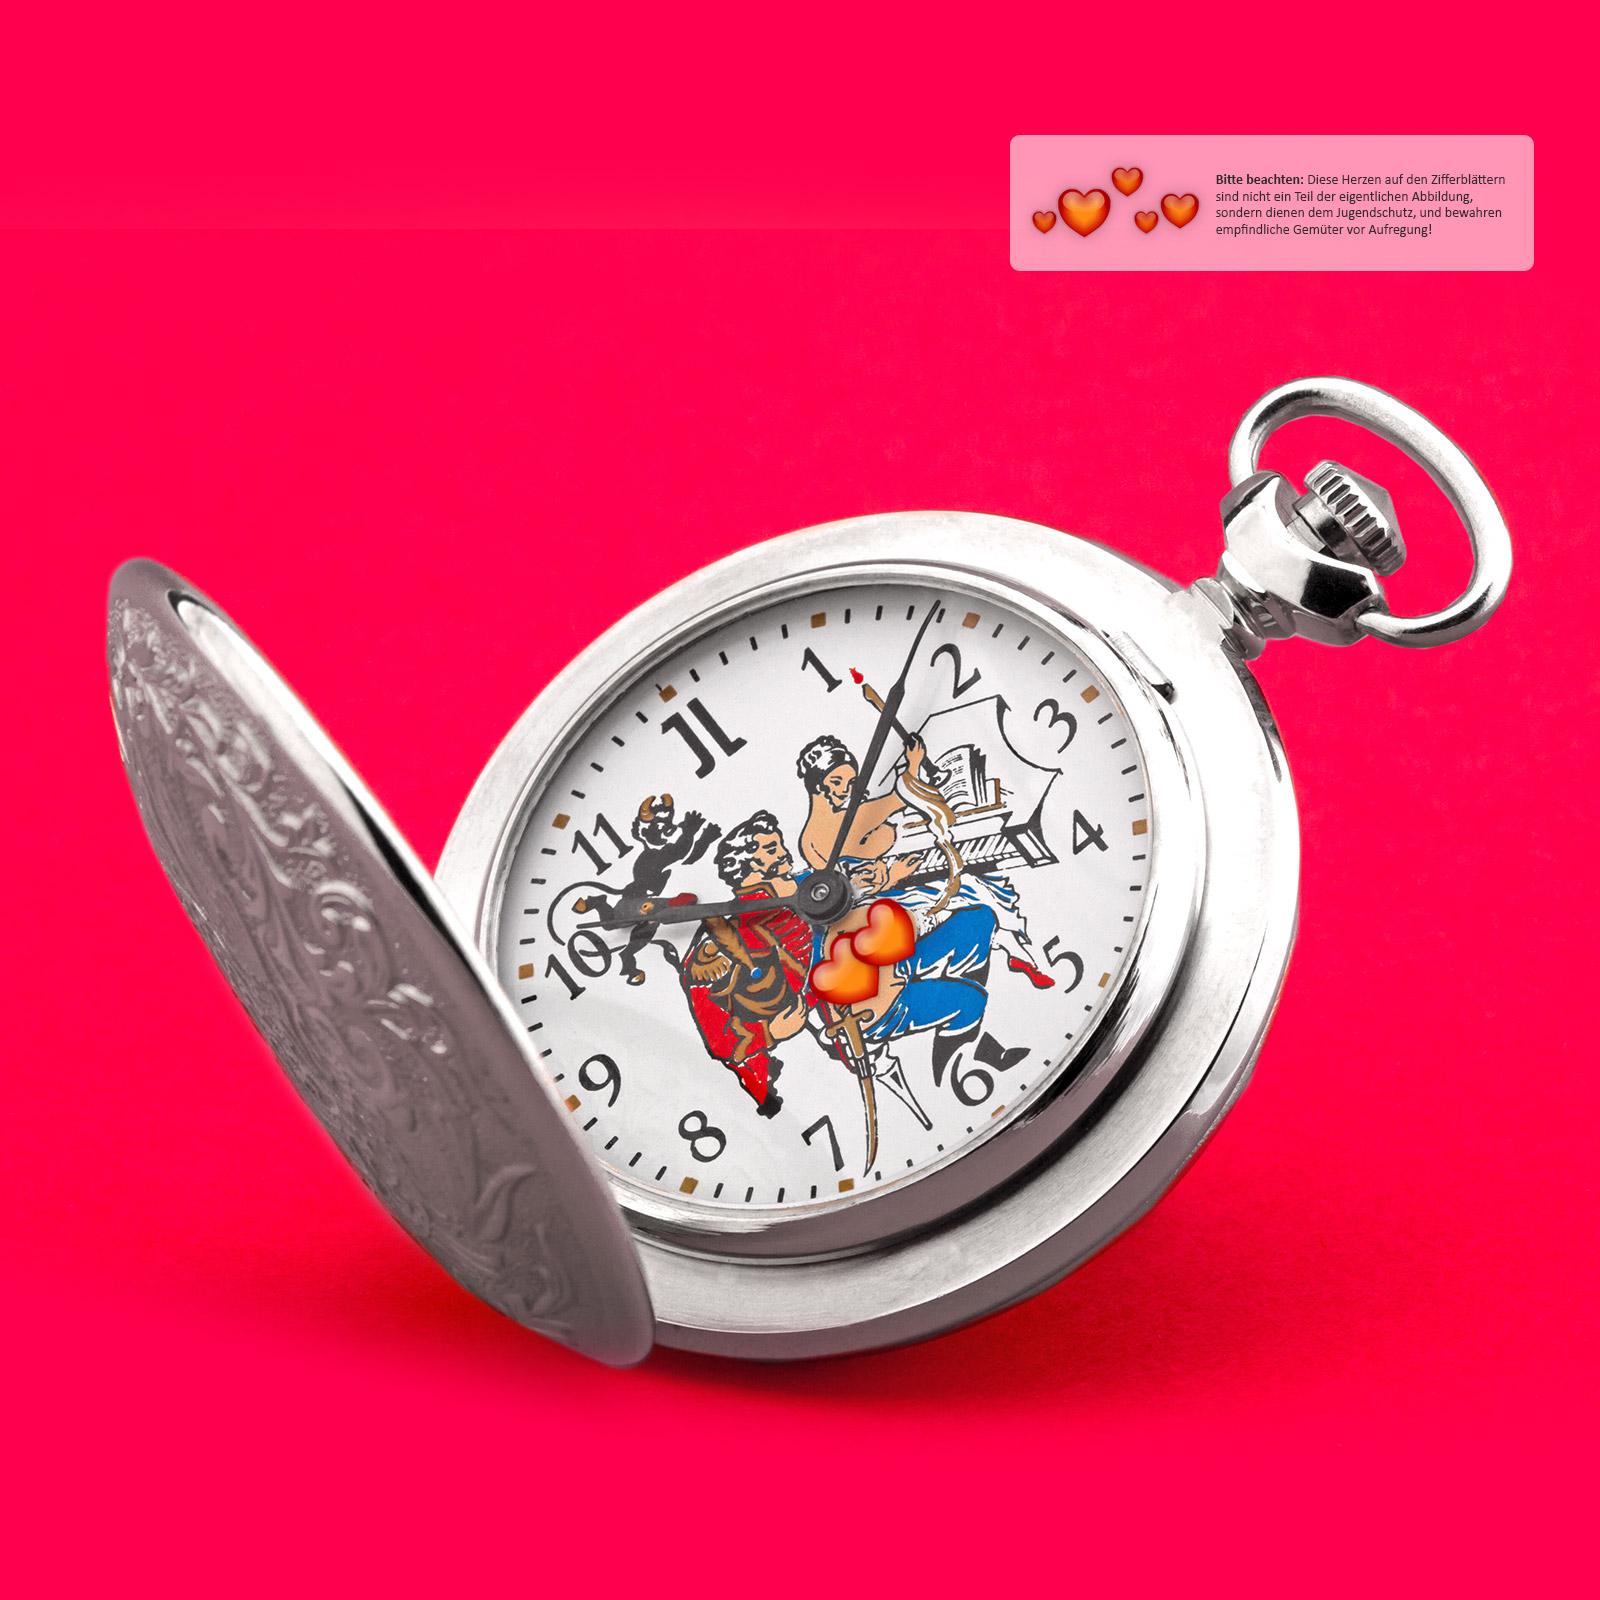 EROTIK-Taschenuhr-sexspielzeug-Pilot-Husar-Piano-mechanische-Uhr-3602-MOLNIJA-JL Indexbild 29